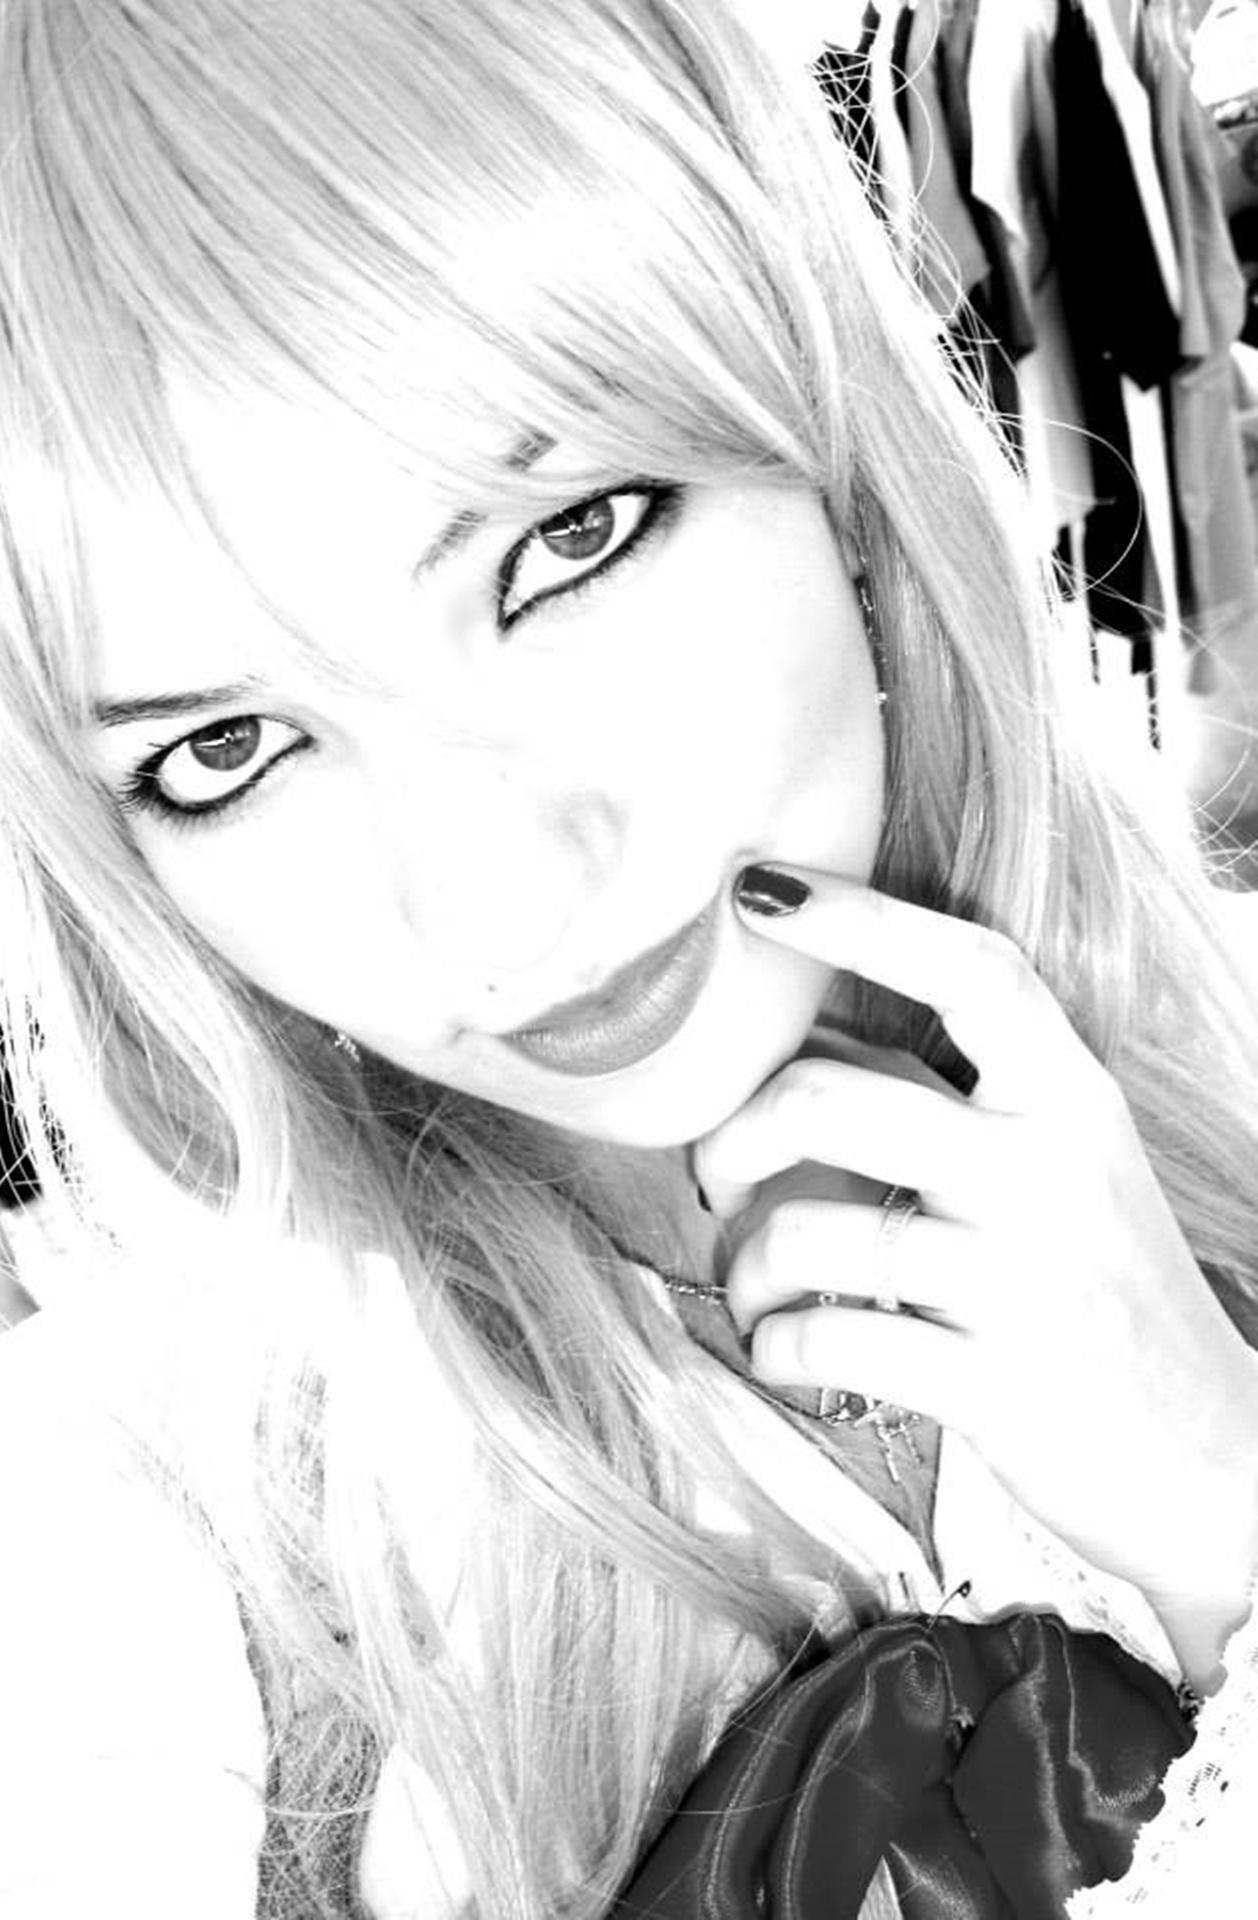 Hitam dan putih satu warna berambut pirang sketsa gambar ilustrasi mata pose berambut pirang fantasi anime